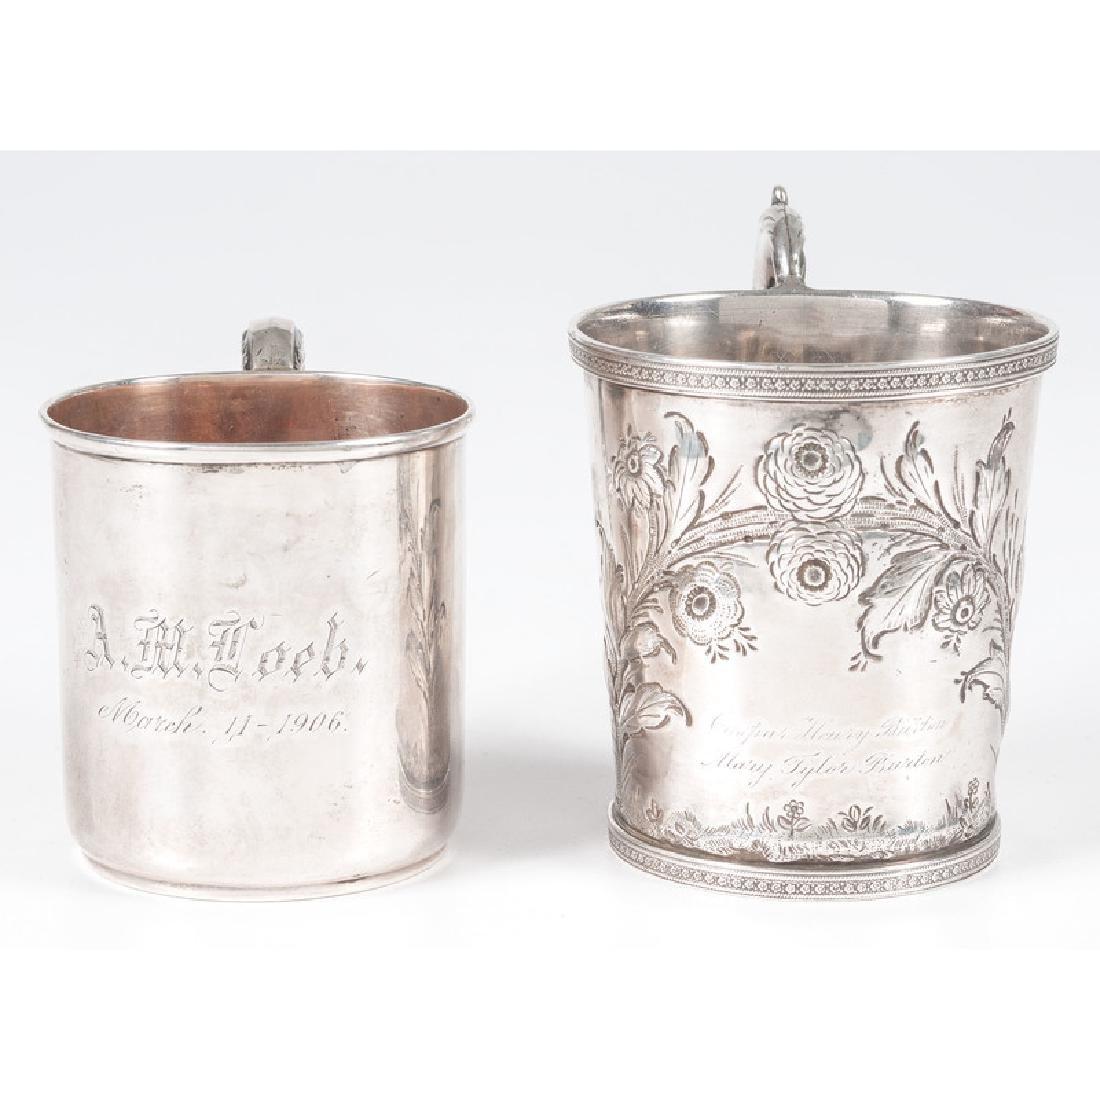 Cincinnati Kinsey and Duhme Silver Cups